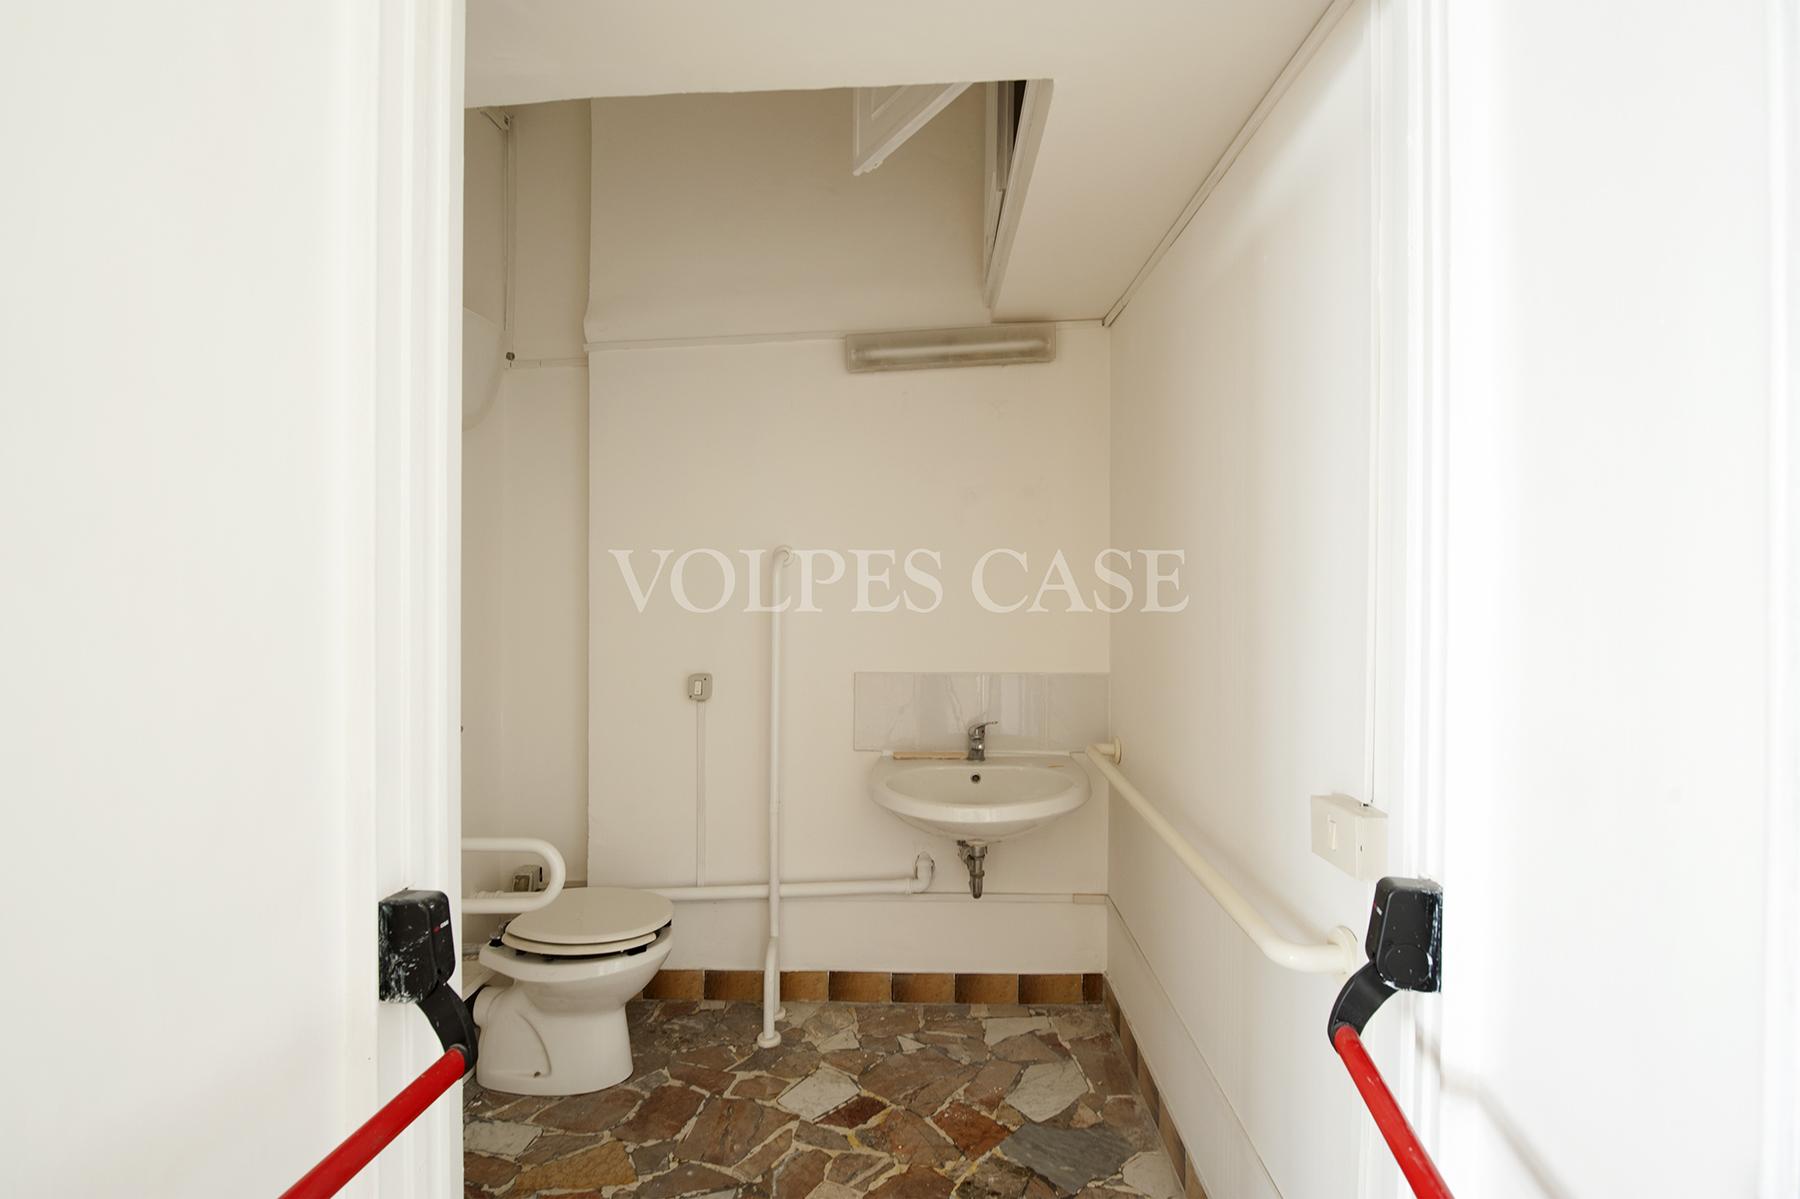 Studio ufficio in affitto a roma cod v45 3085 for Studio affitto roma